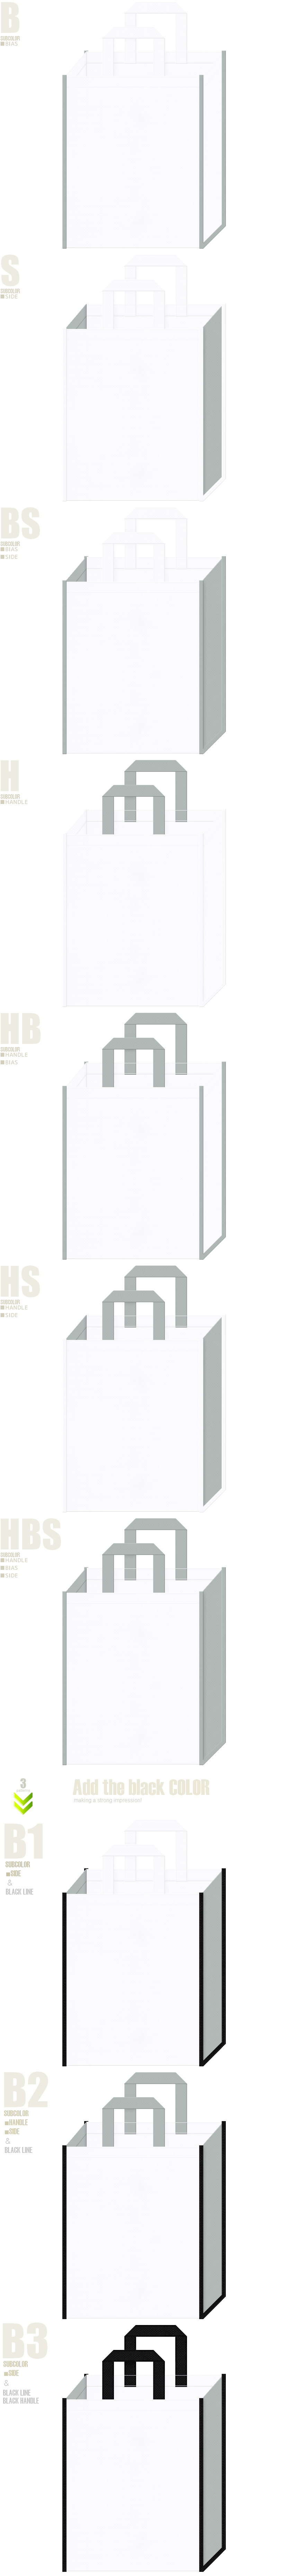 白色とグレー色の不織布バッグデザイン。文具の展示会用バッグ、都市計画・建物管理・建築・設計・税務セミナーの資料配布用バッグにお奨めです。